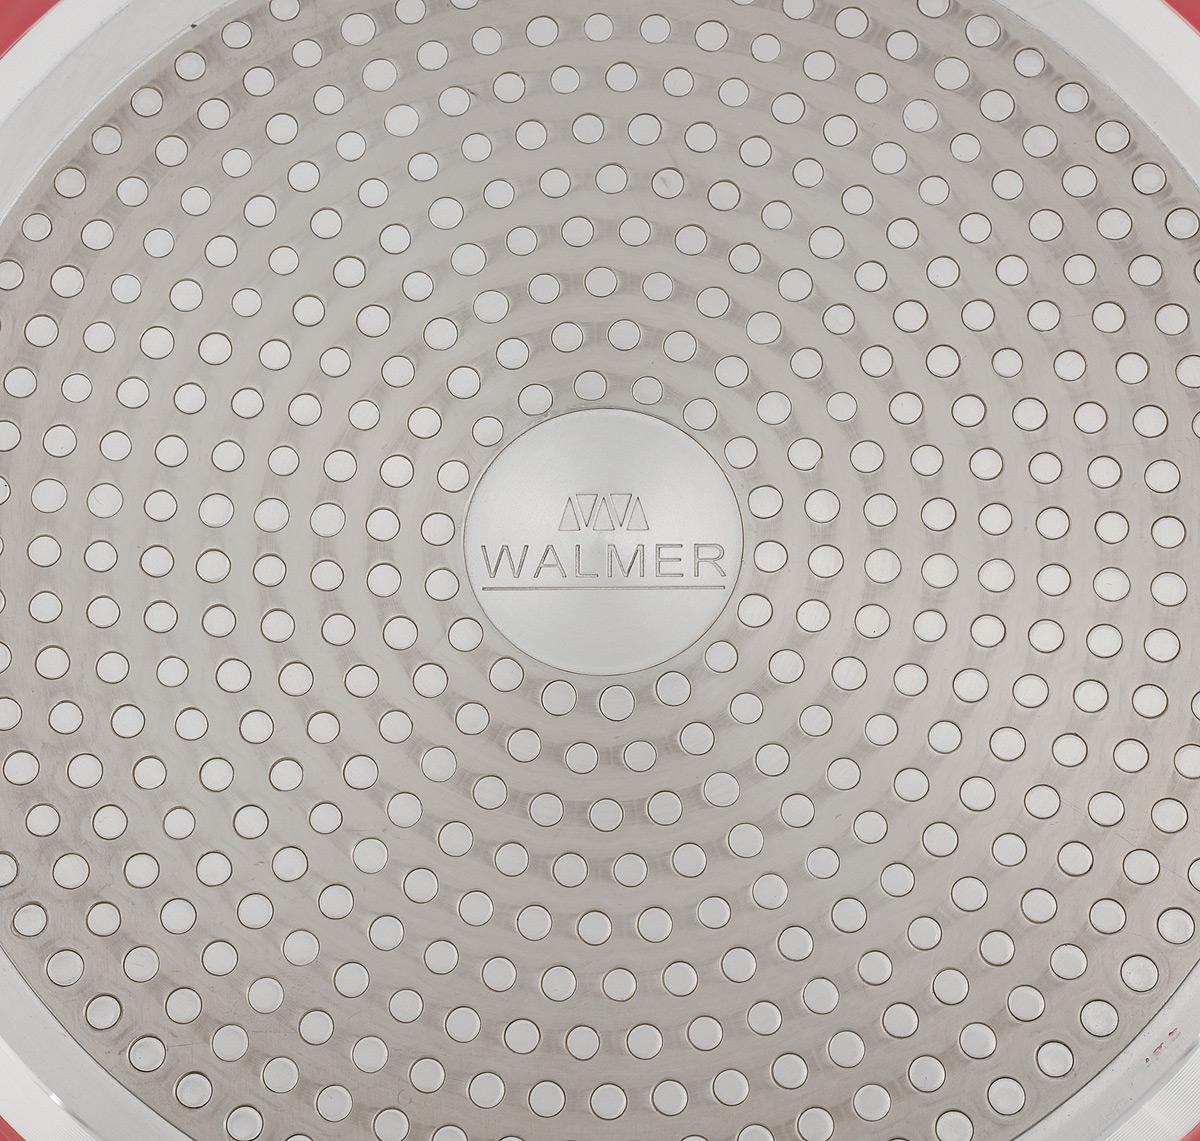 """Сковорода Walmer """"Rainbow"""" изготовлена из  кованого алюминия с антипригарным покрытием.  Утолщенное дно и стенки обеспечивают быстрый  и равномерный нагрев, а также не подвержены  деформации. Долговечное покрытие не  позволяет пище пригорать и прилипать к  стенкам.  Сковорода оснащена эргономичной бакелитовой  ручкой, которая обеспечивает максимальное  удобство и комфорт в использовании. Подходит для всех типов плит, включая  индукционные. Диаметр по верхнему краю: 28 см. Диаметр основания: 22 см.  Высота стенки: 5,5 см.  Толщина стенки: 3 мм. Толщина дна: 3 мм. Длина ручки: 19 см. Диаметр индукционного диска: 22 см."""